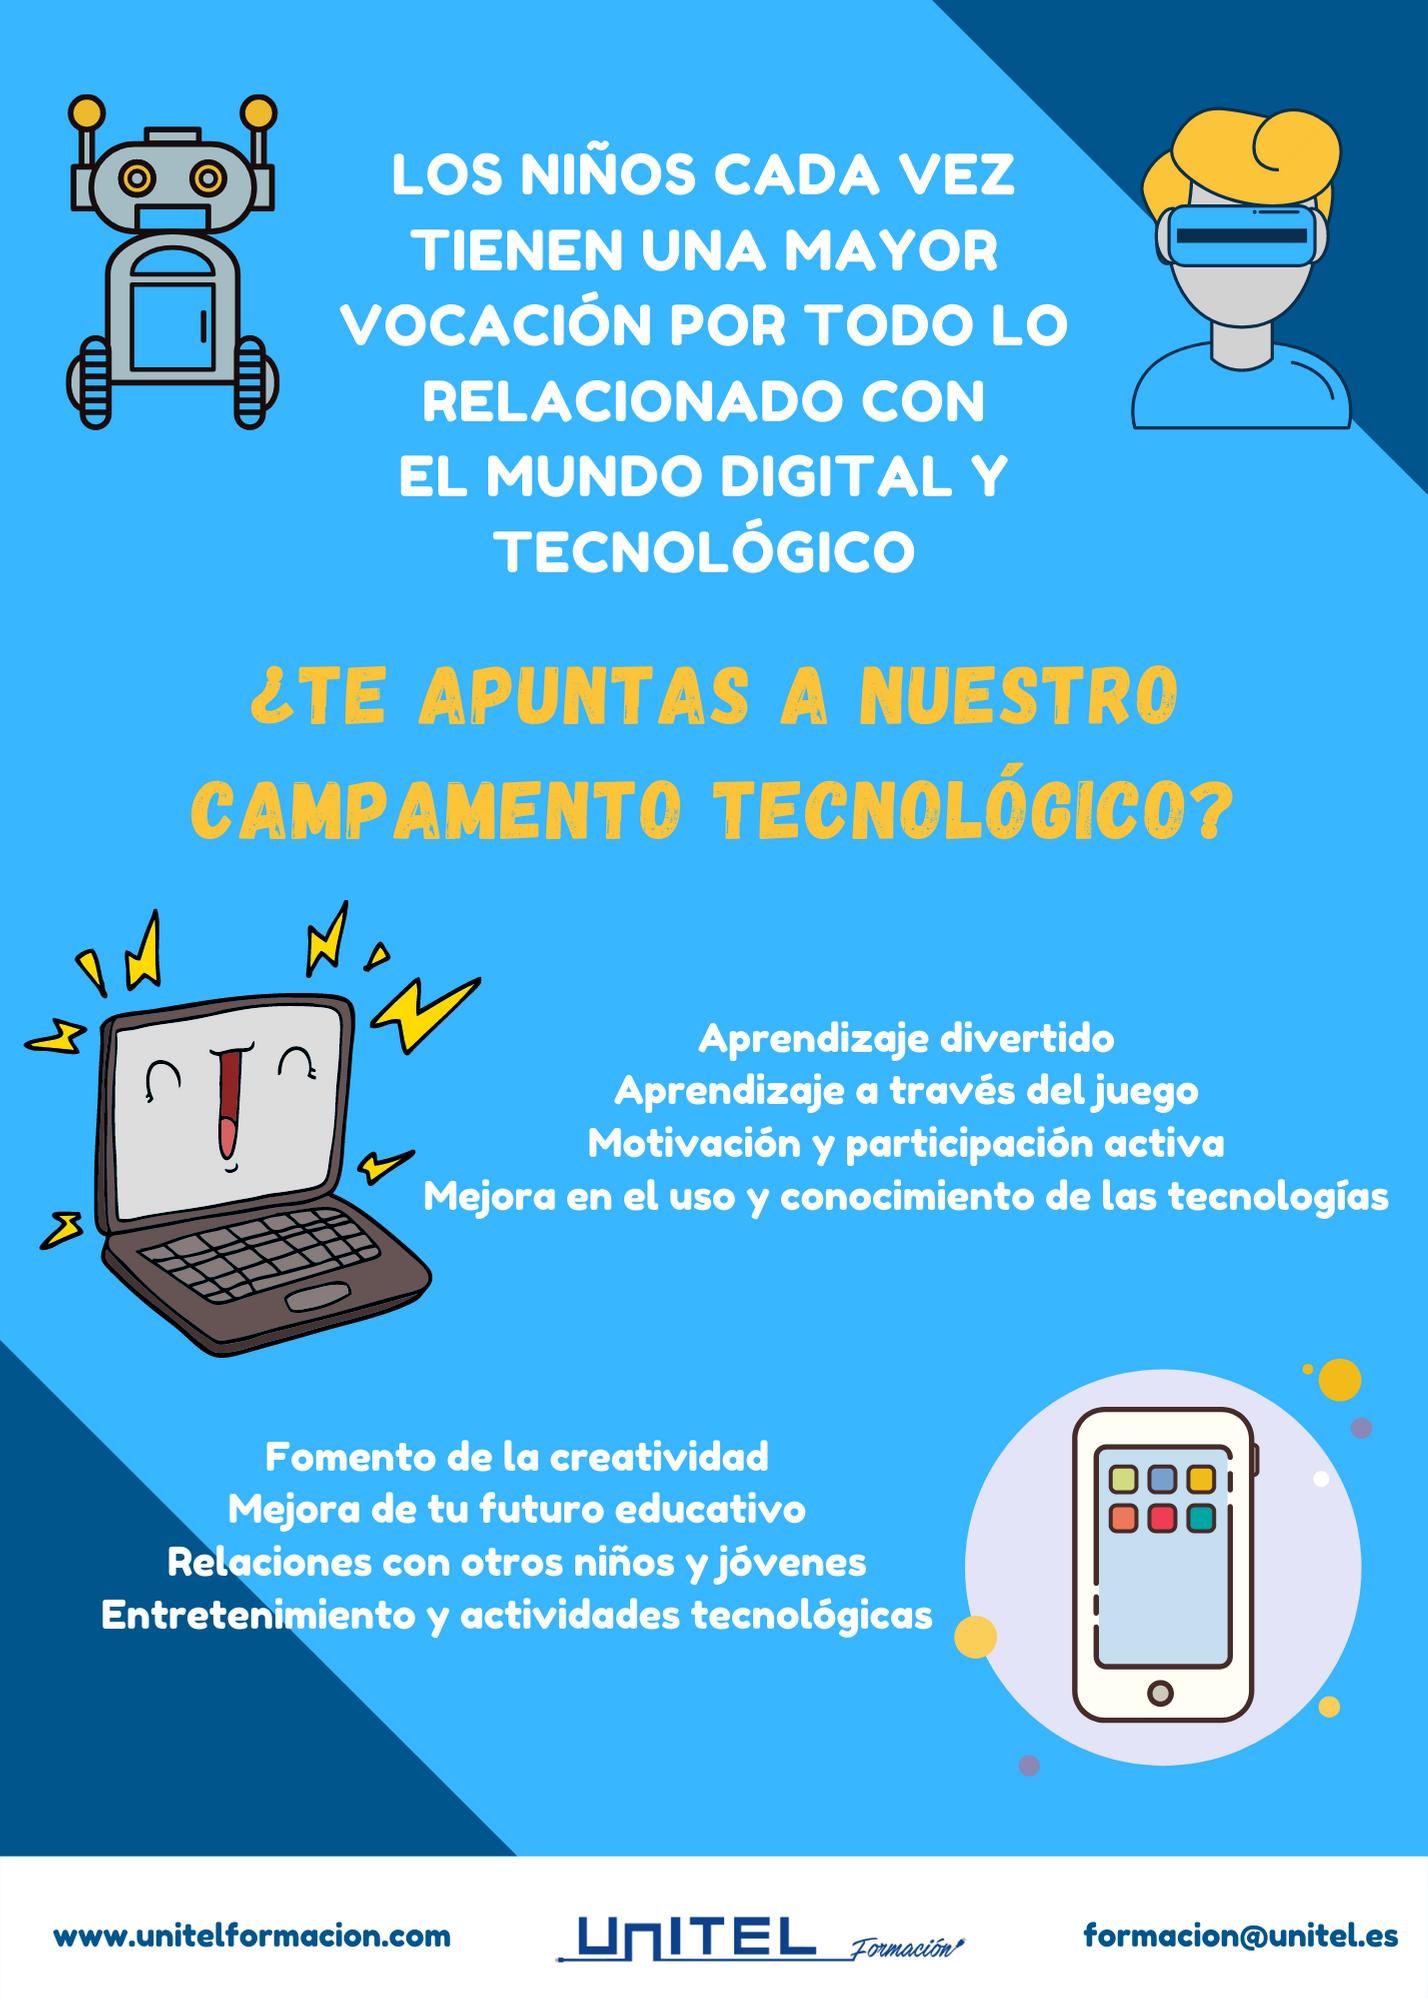 Unitel Formación lanza Campamento Tecnológico para niños